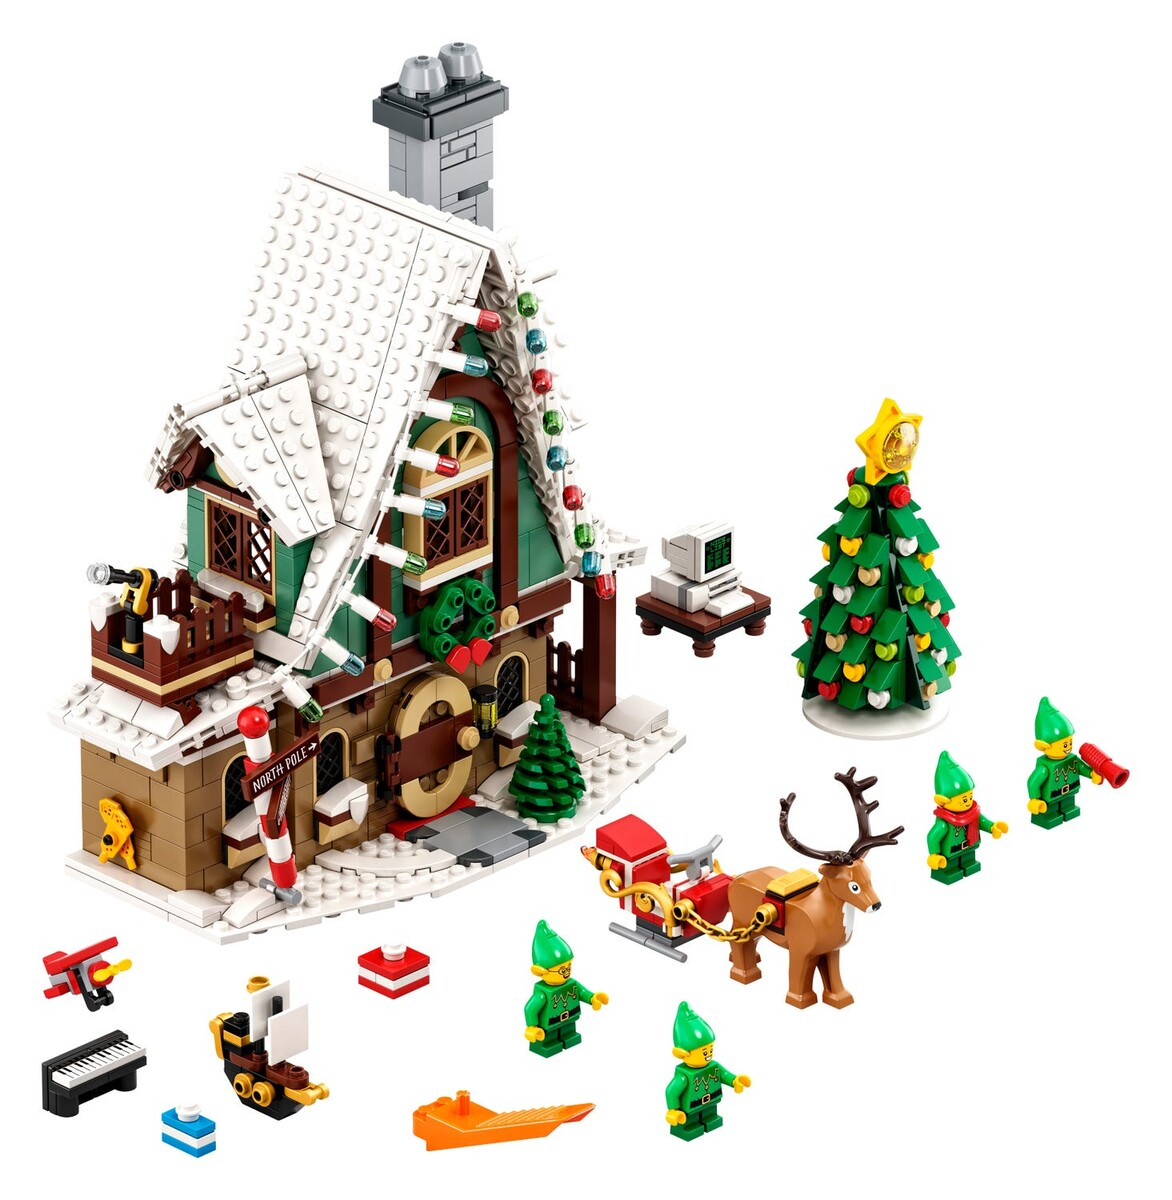 Le pavillon des elfes 10275 | Divers | Boutique LEGO® officielle FR